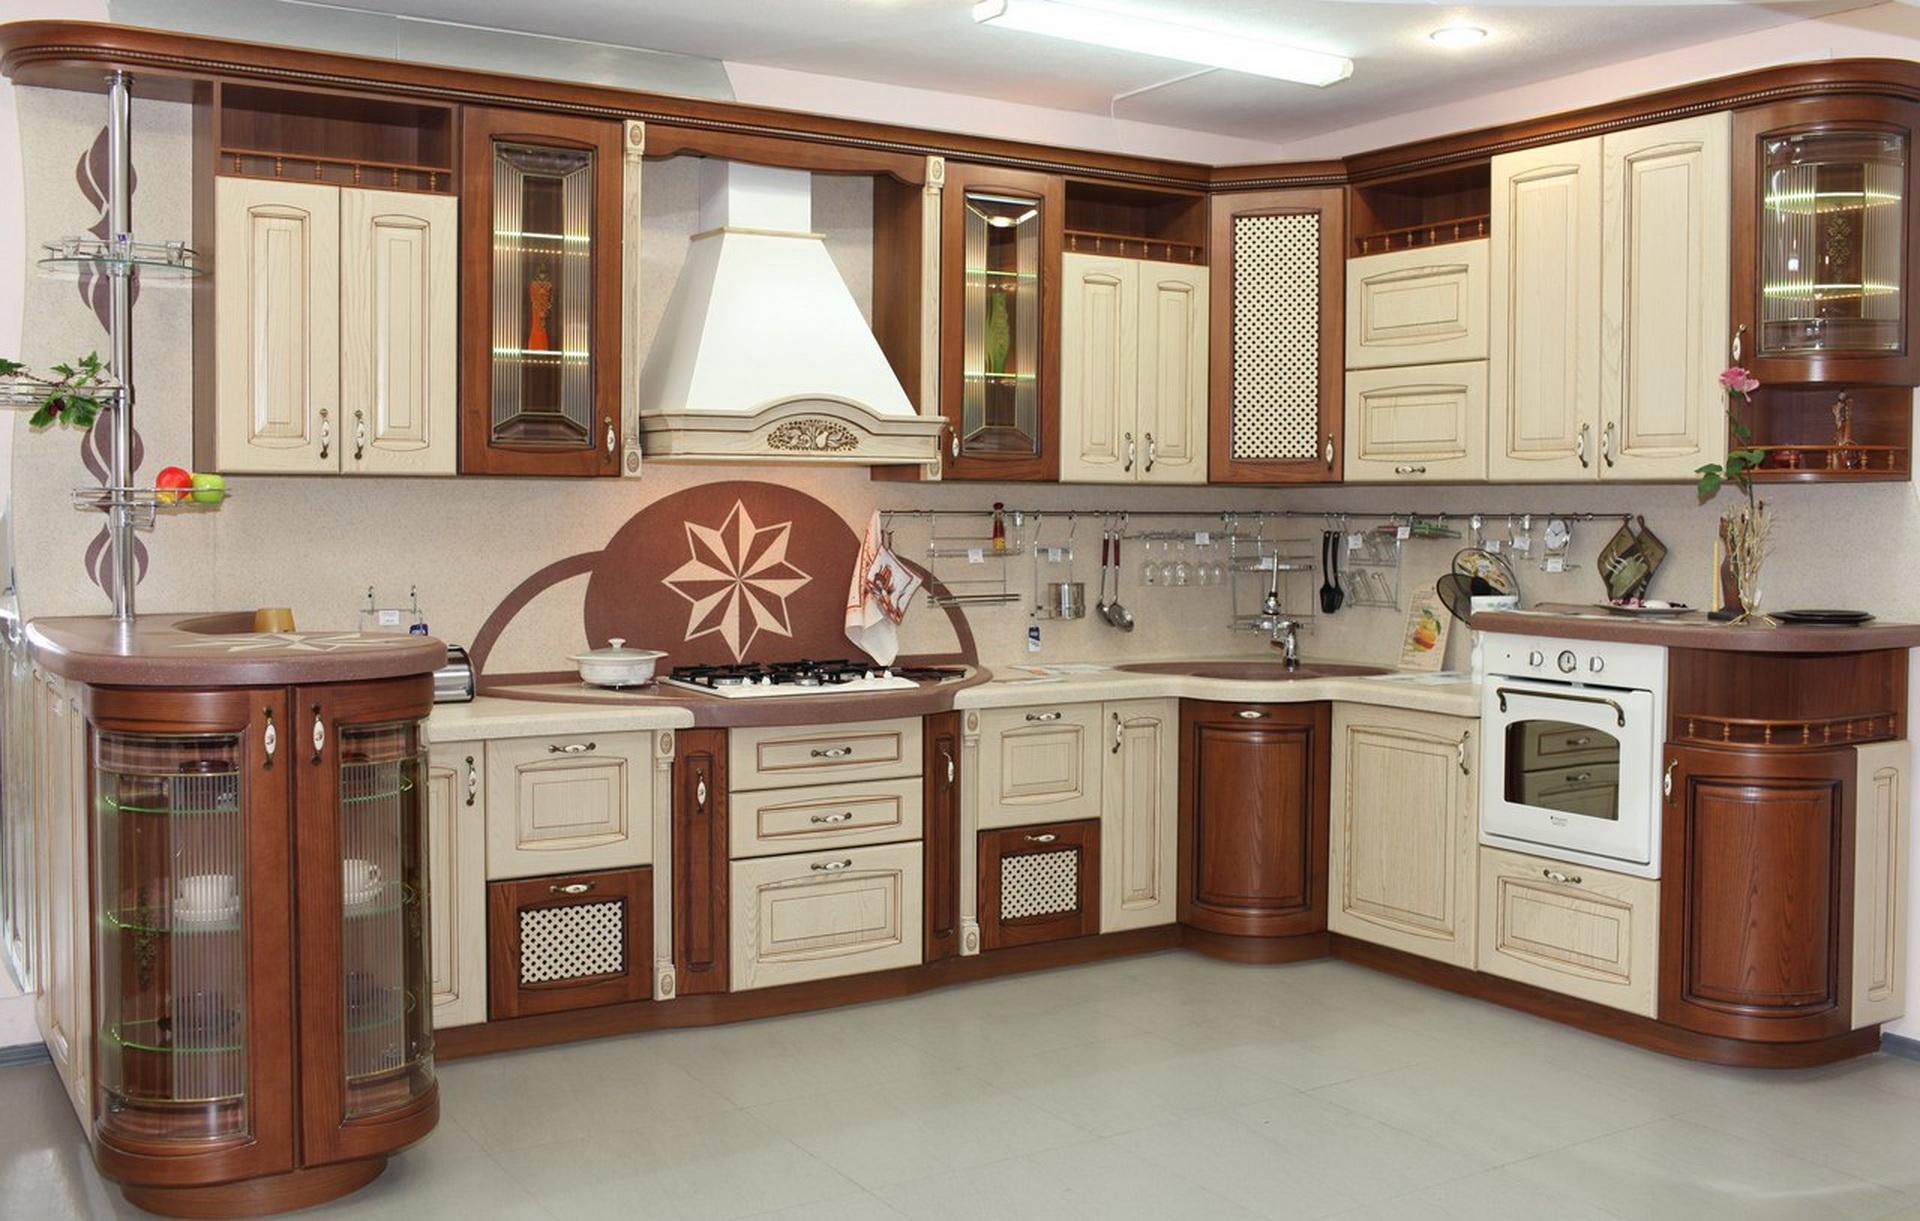 кухни нижний новгород картинки жизнерадостная сцене